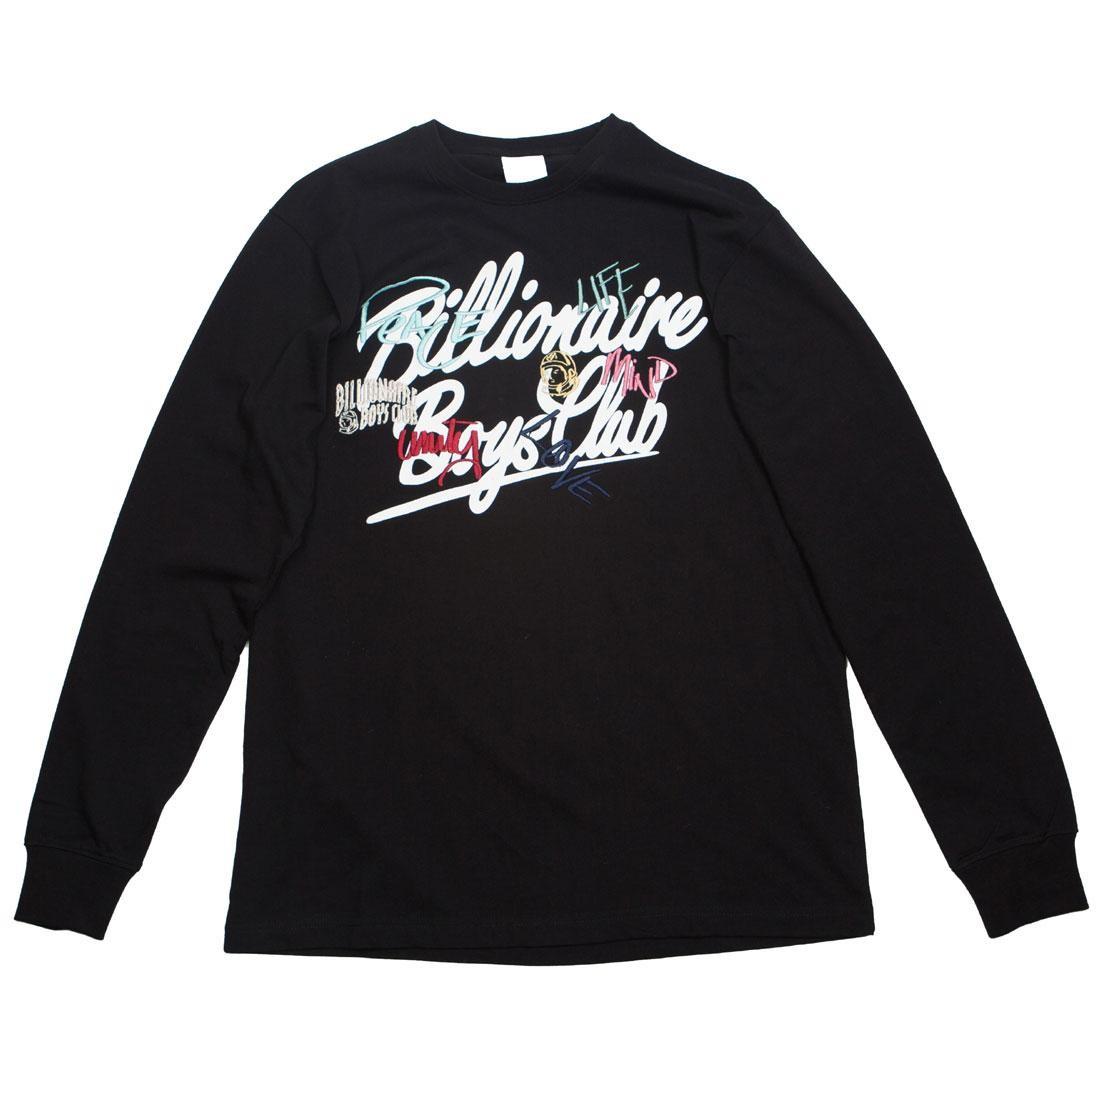 【スーパーセール中! 6/11深夜2時迄】ビリオネアボーイズクラブ BILLIONAIRE BOYS CLUB Tシャツ メンズファッション トップス カットソー メンズ 【 Men United Ls Tee (black) 】 Black